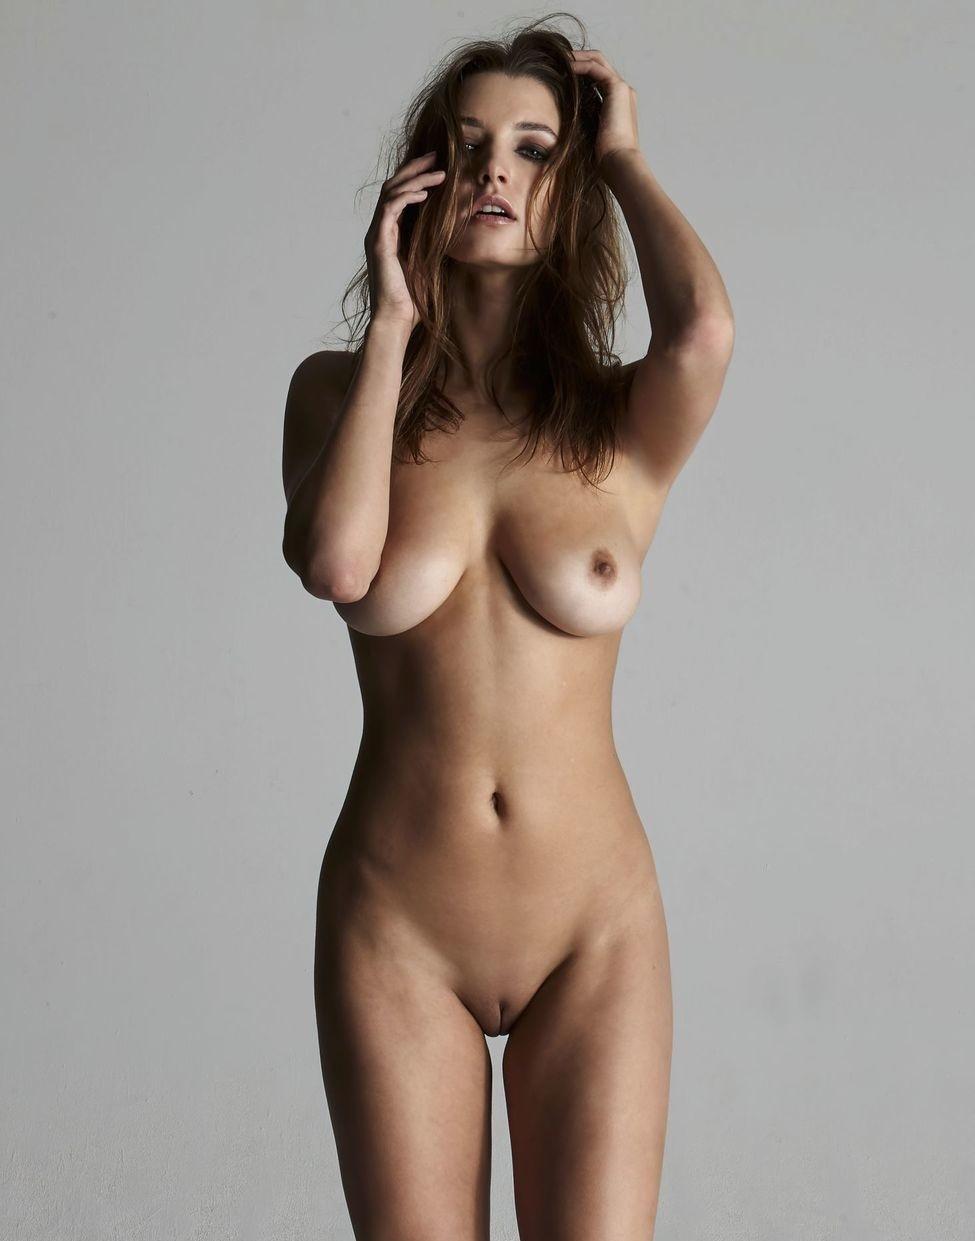 alyssa arce boobs